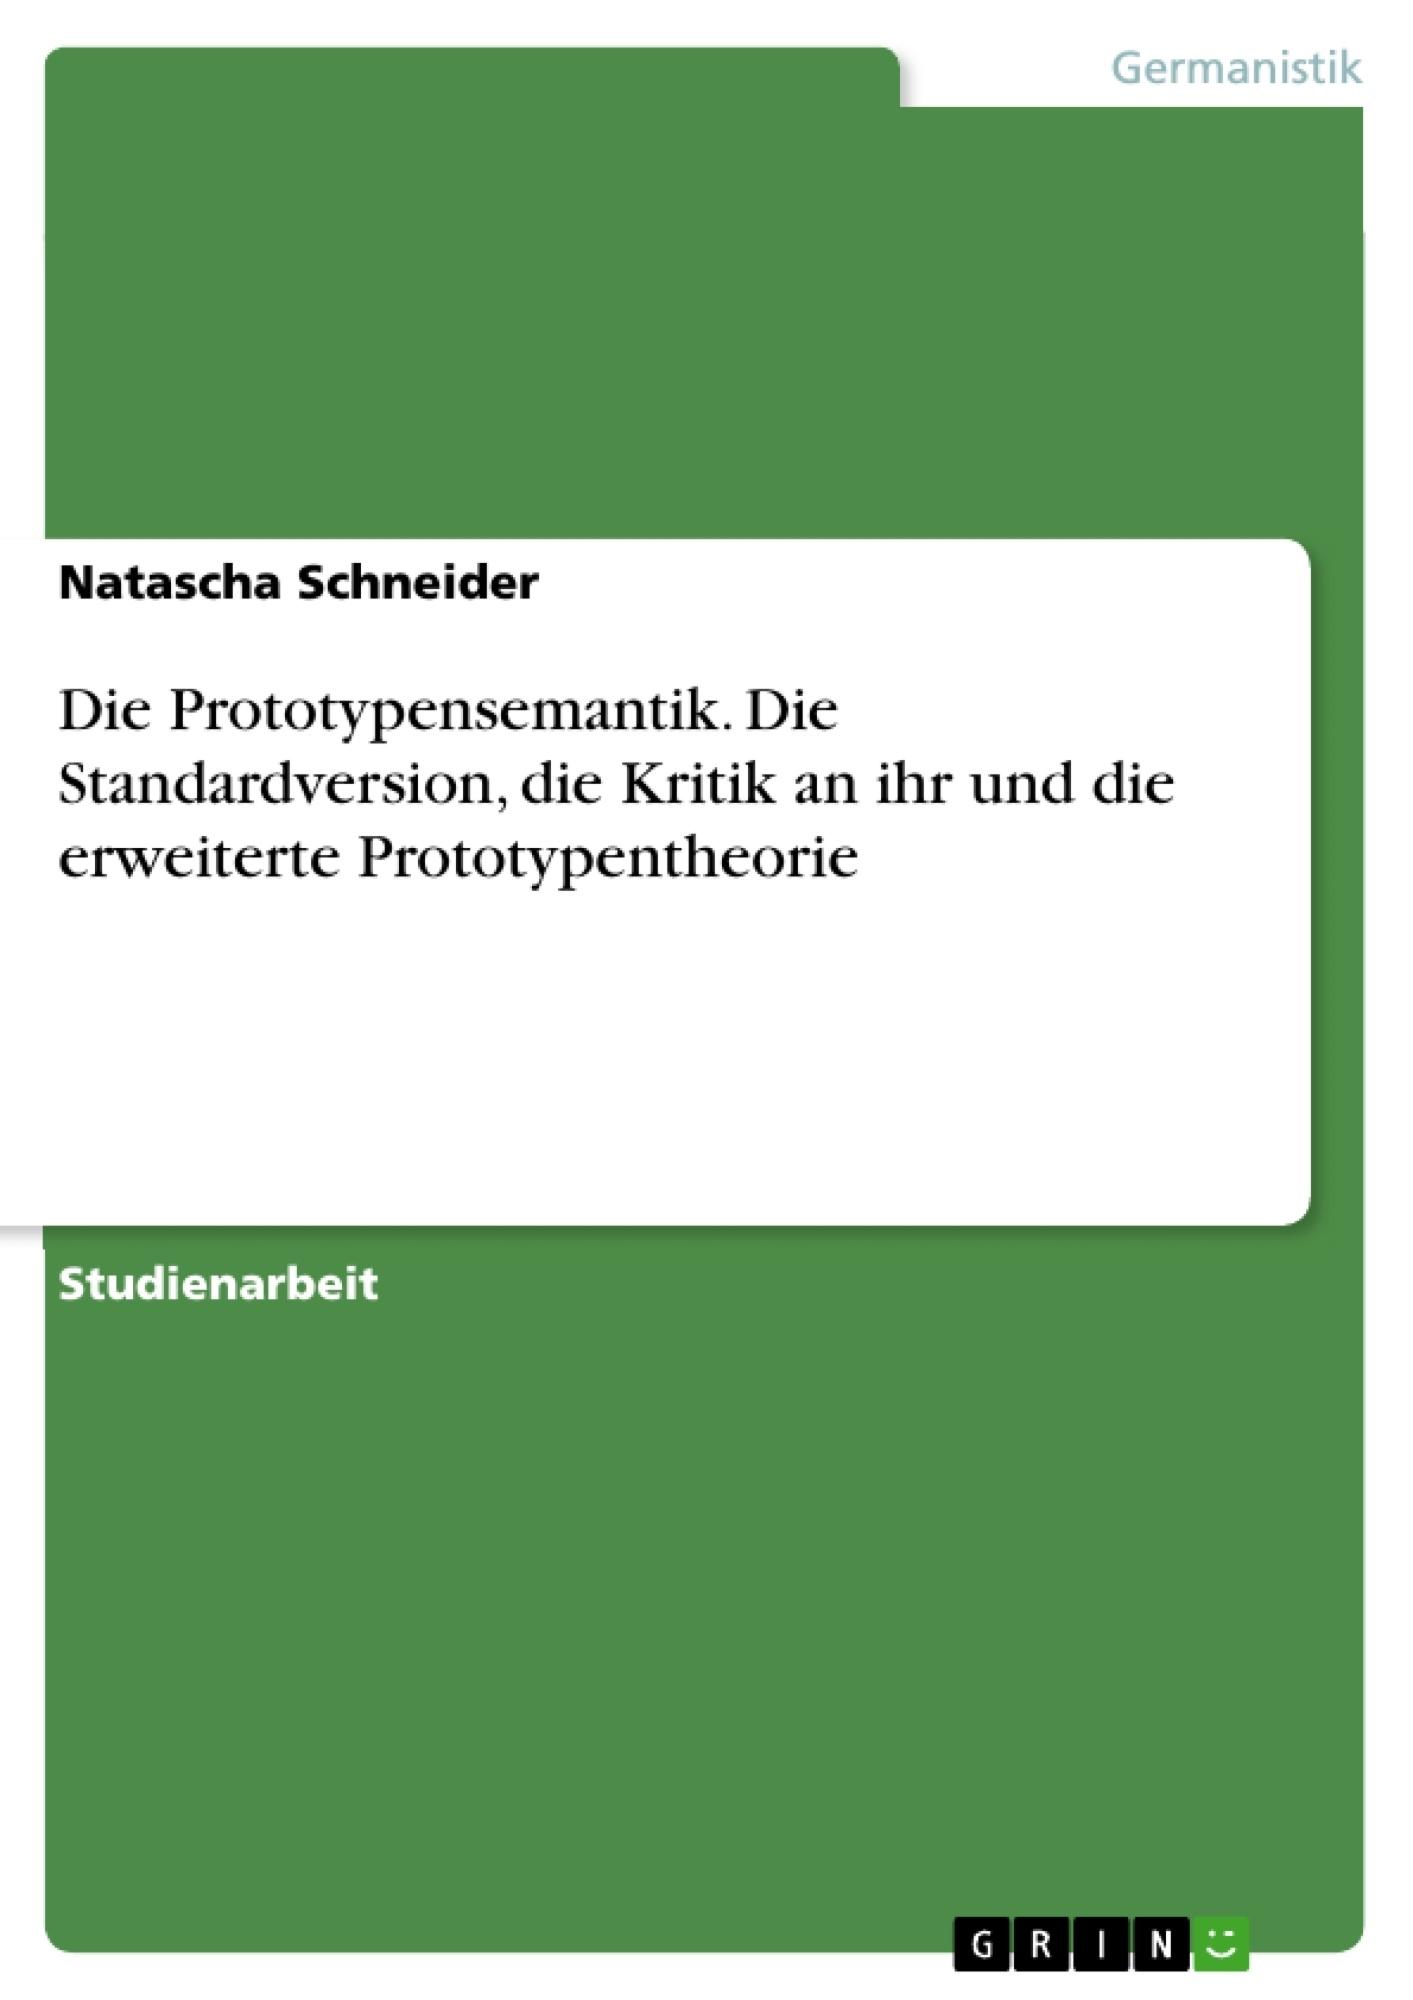 Titel: Die Prototypensemantik. Die Standardversion, die Kritik an ihr und die erweiterte Prototypentheorie